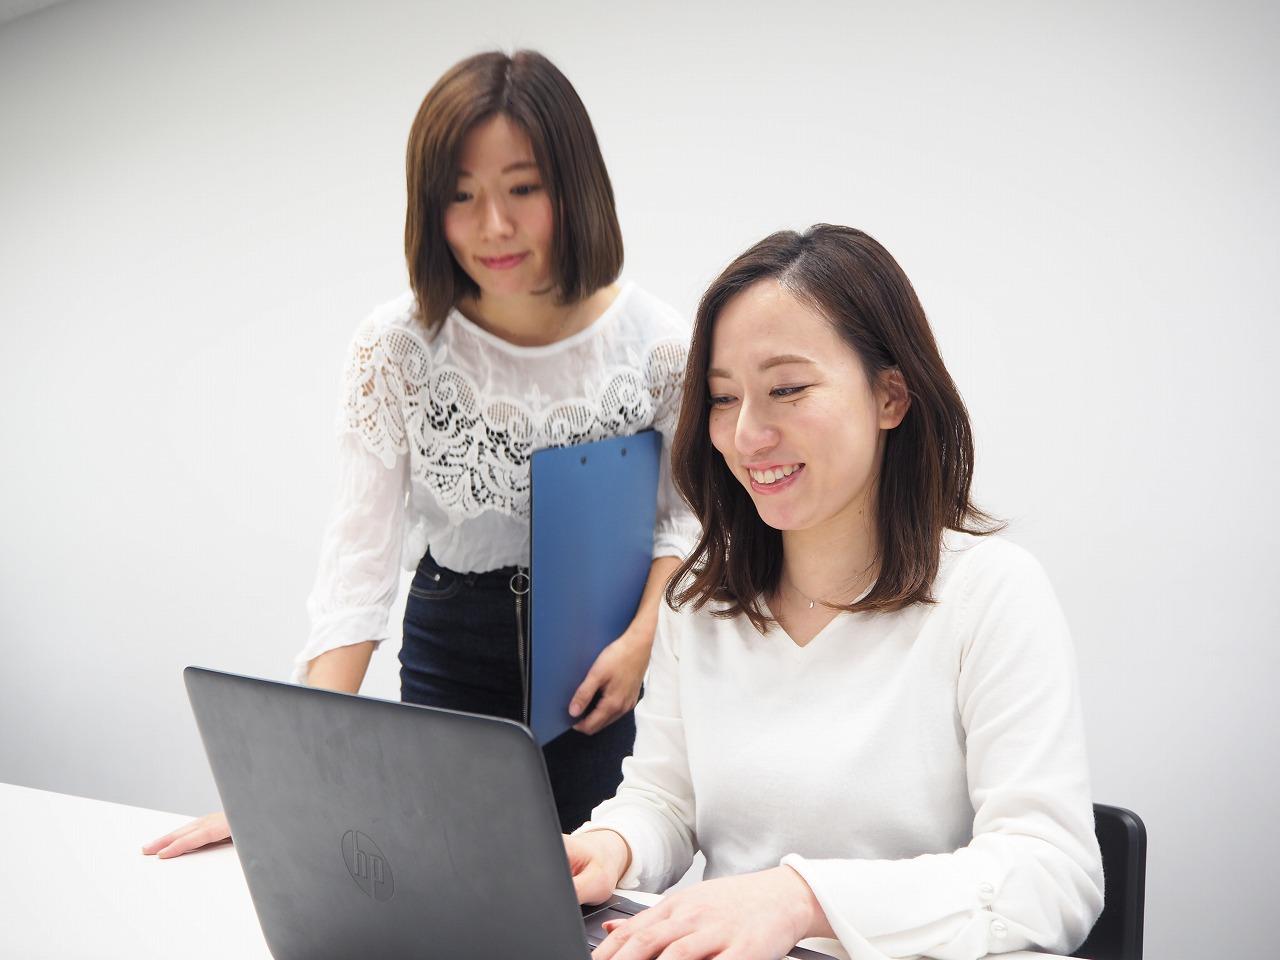 【品川駅】ソニネットワークが運営するコールセンターのサポート